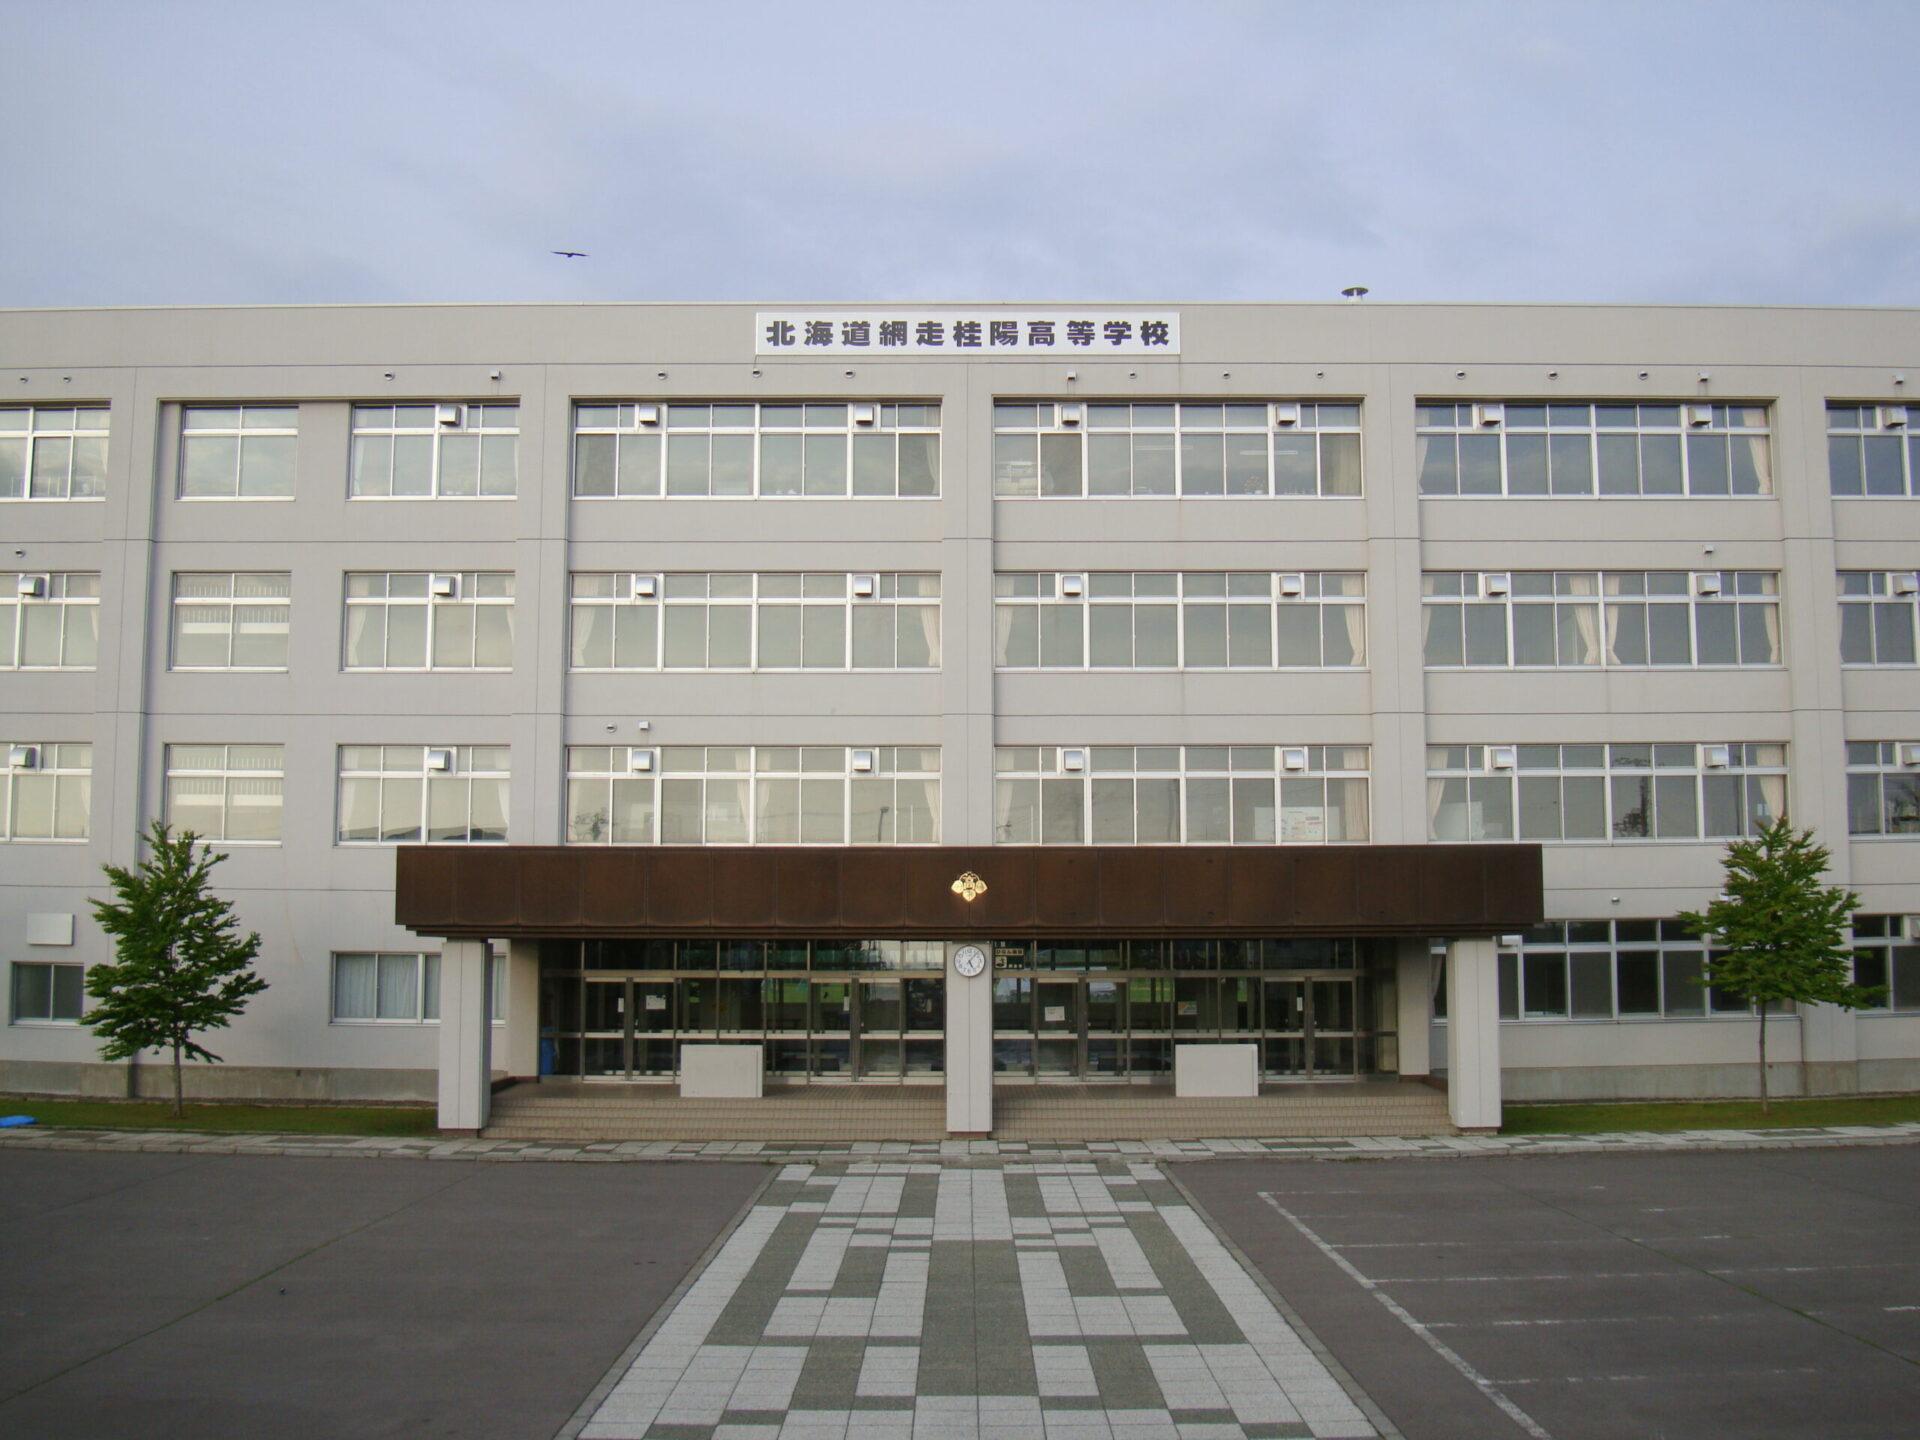 網走桂陽高校の外観画像